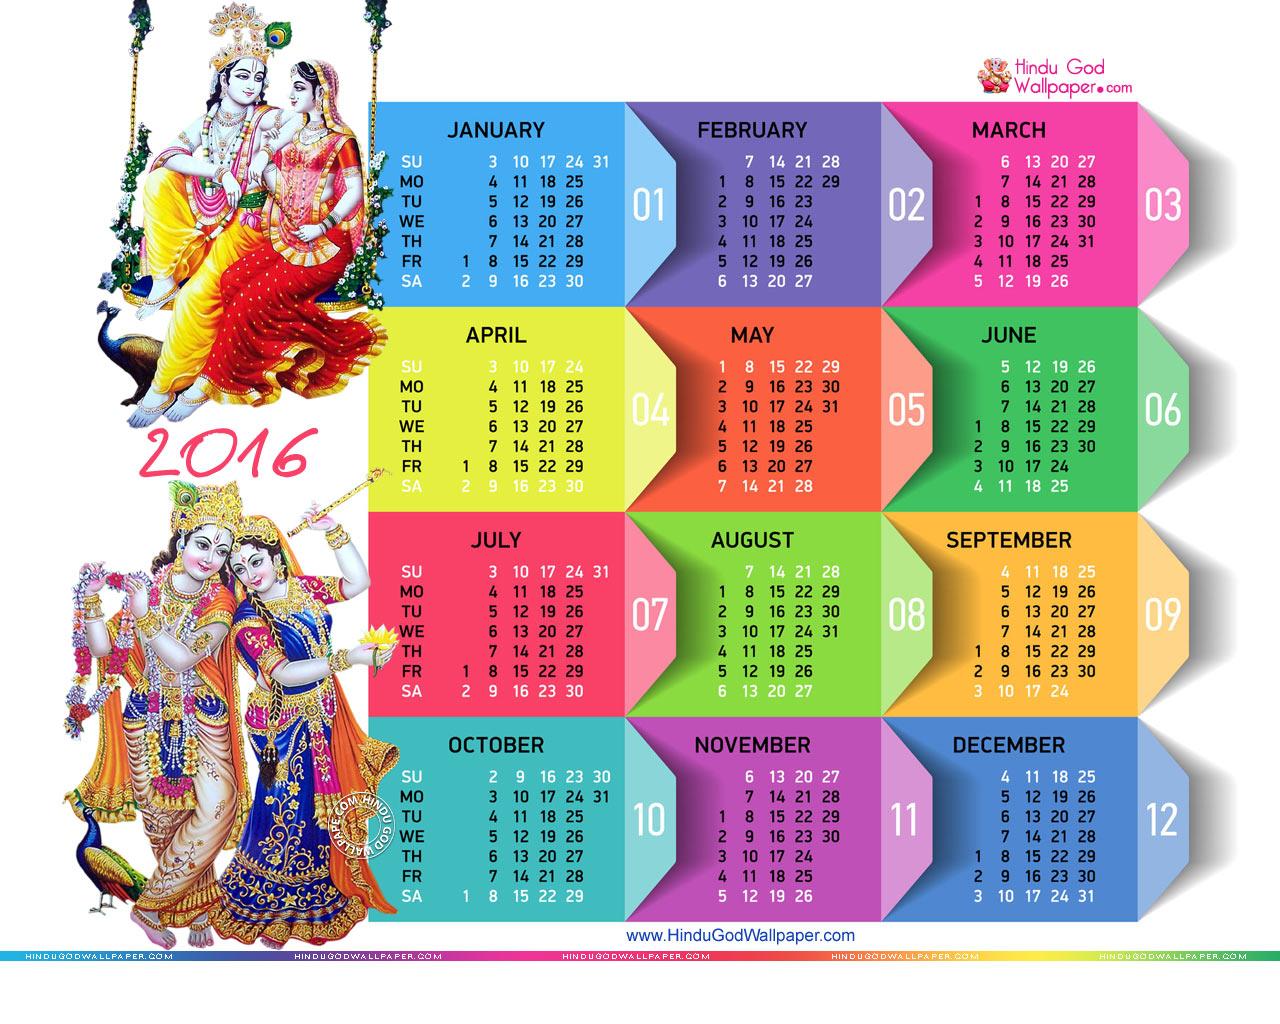 2016 Wallpaper Calendar   Desktop Calendar 2016 1280x1024